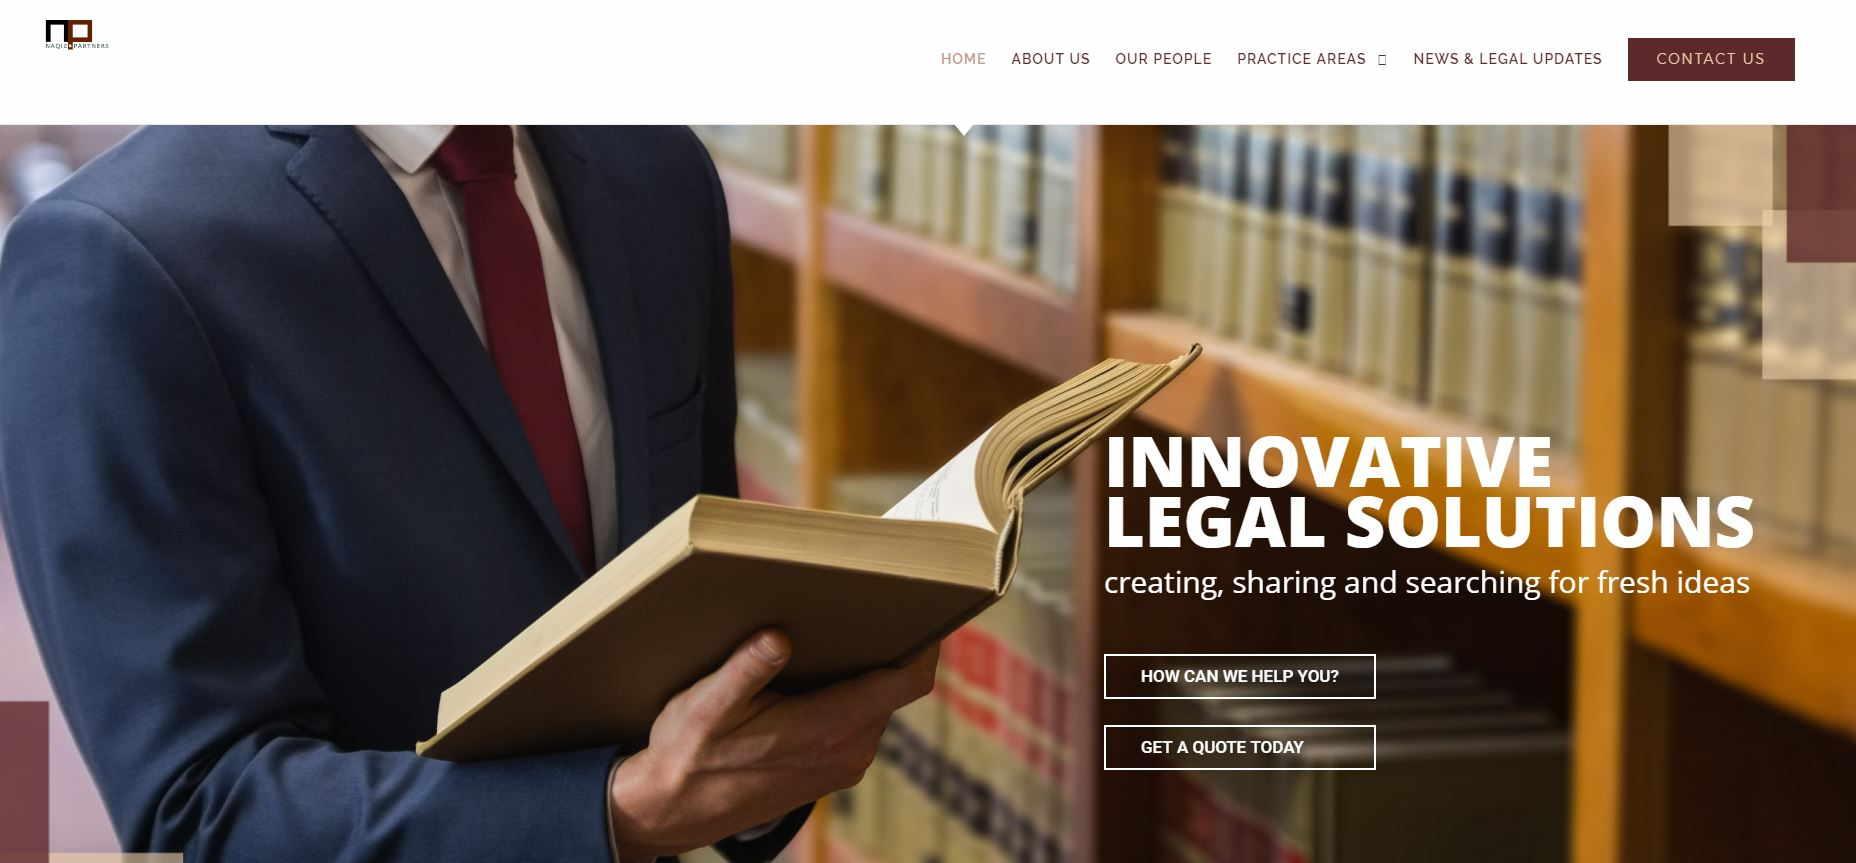 web design for lawyers_naqiz PARTNERS